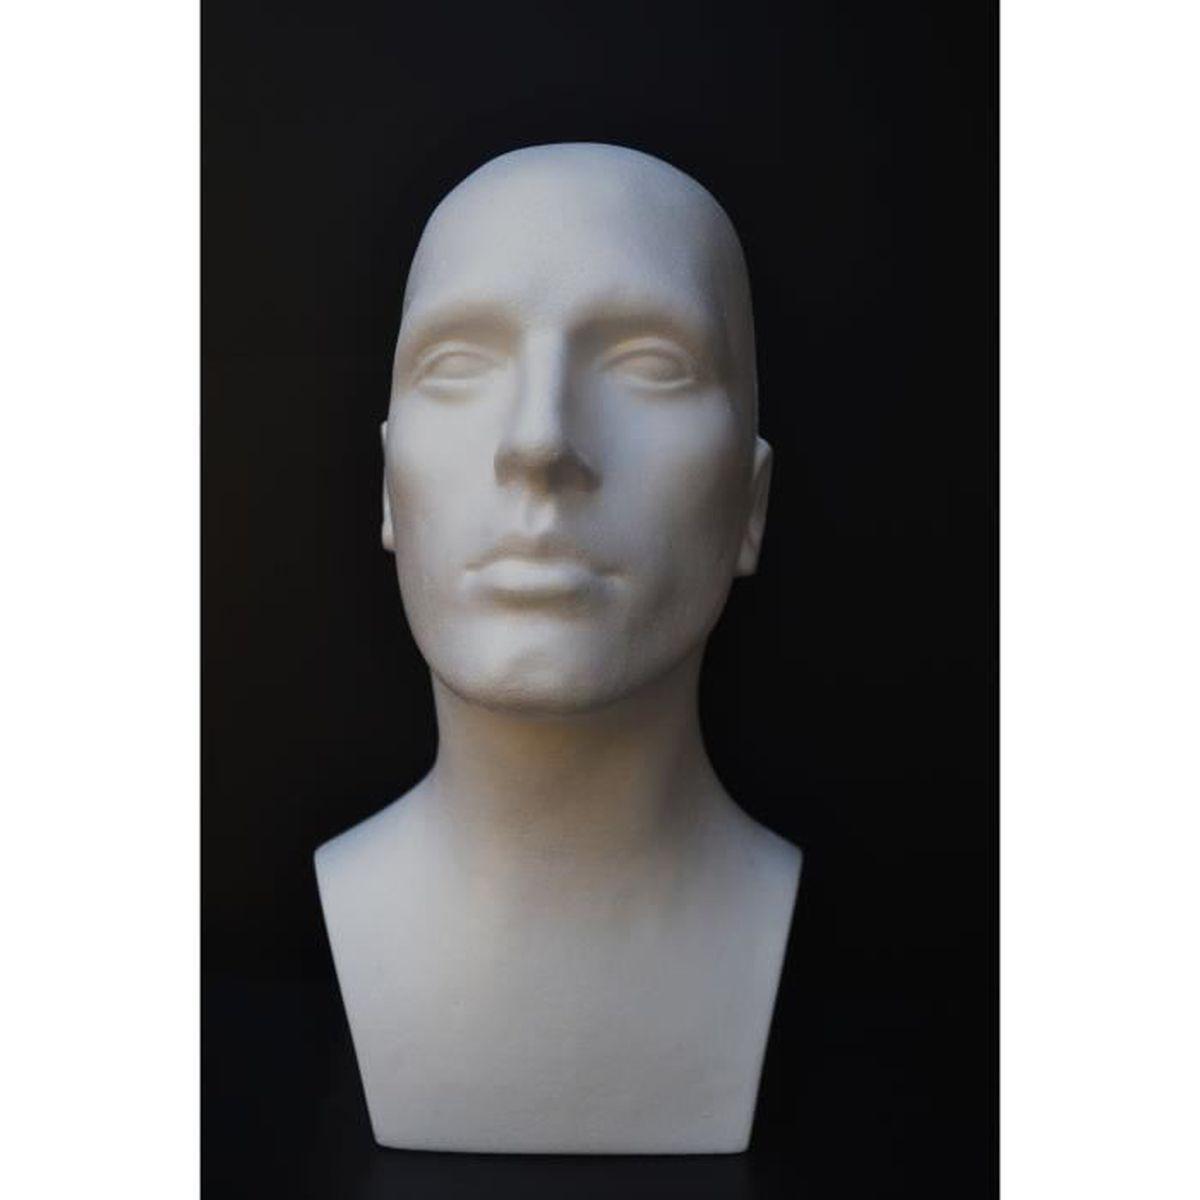 tete de mannequin homme pour casque ou perruque achat vente buste mannequin cdiscount. Black Bedroom Furniture Sets. Home Design Ideas